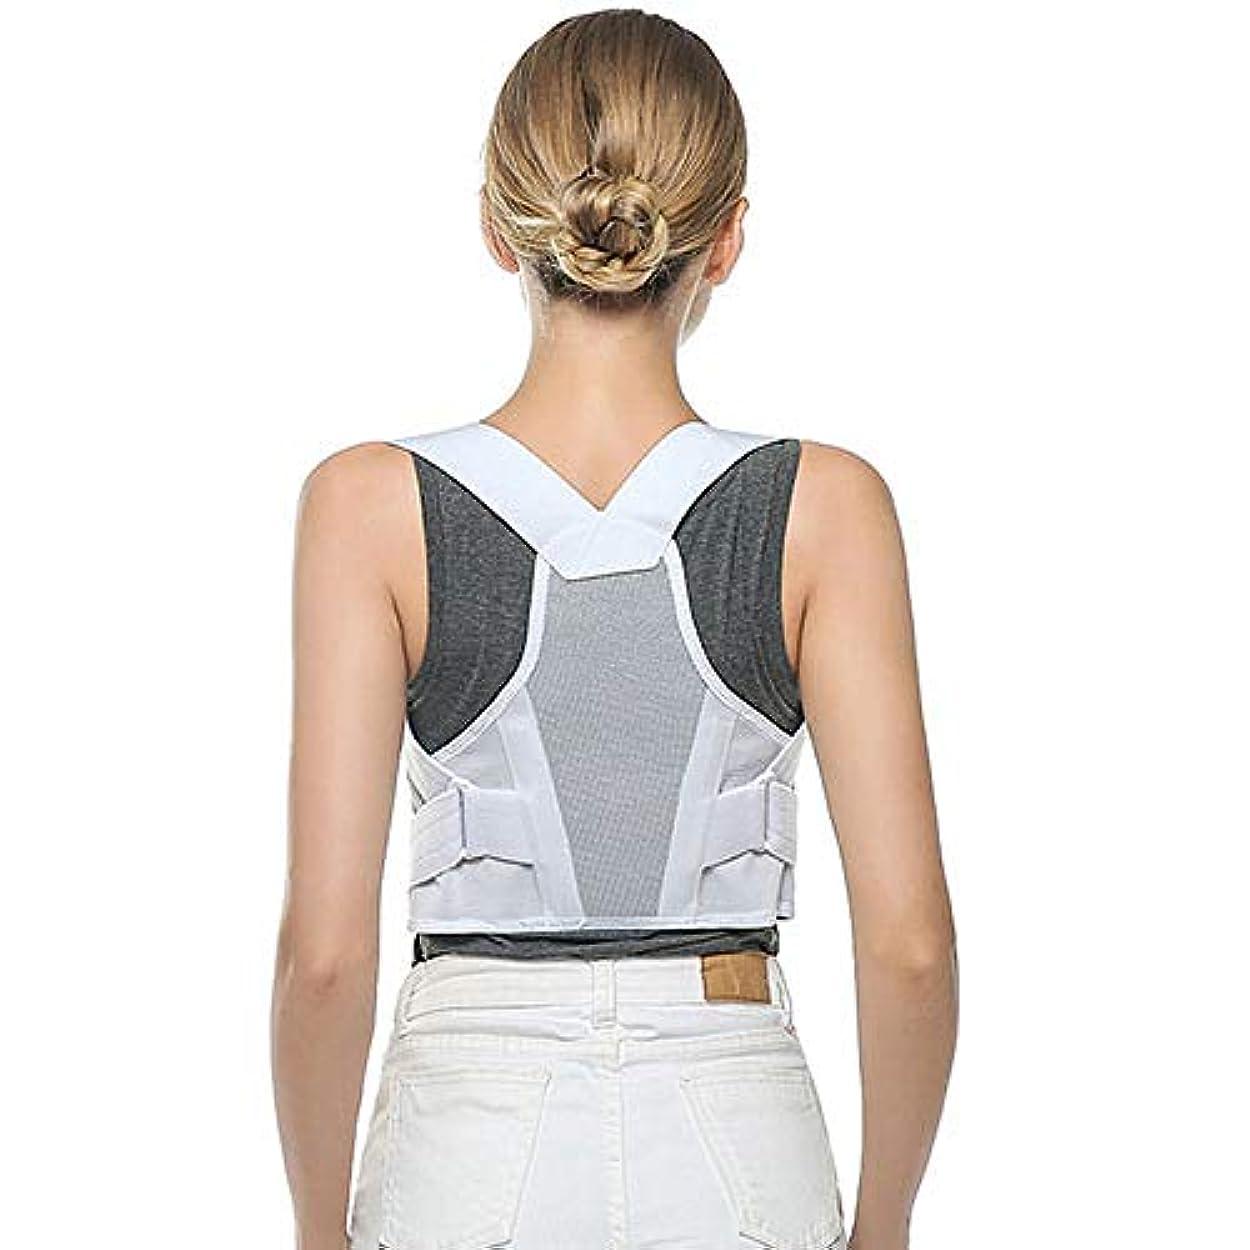 浮く親実際のLINGYAO 背部矯正用軽量通気性ソフト快適ナイロン矯正ベルトの痛み緩和姿勢矯正